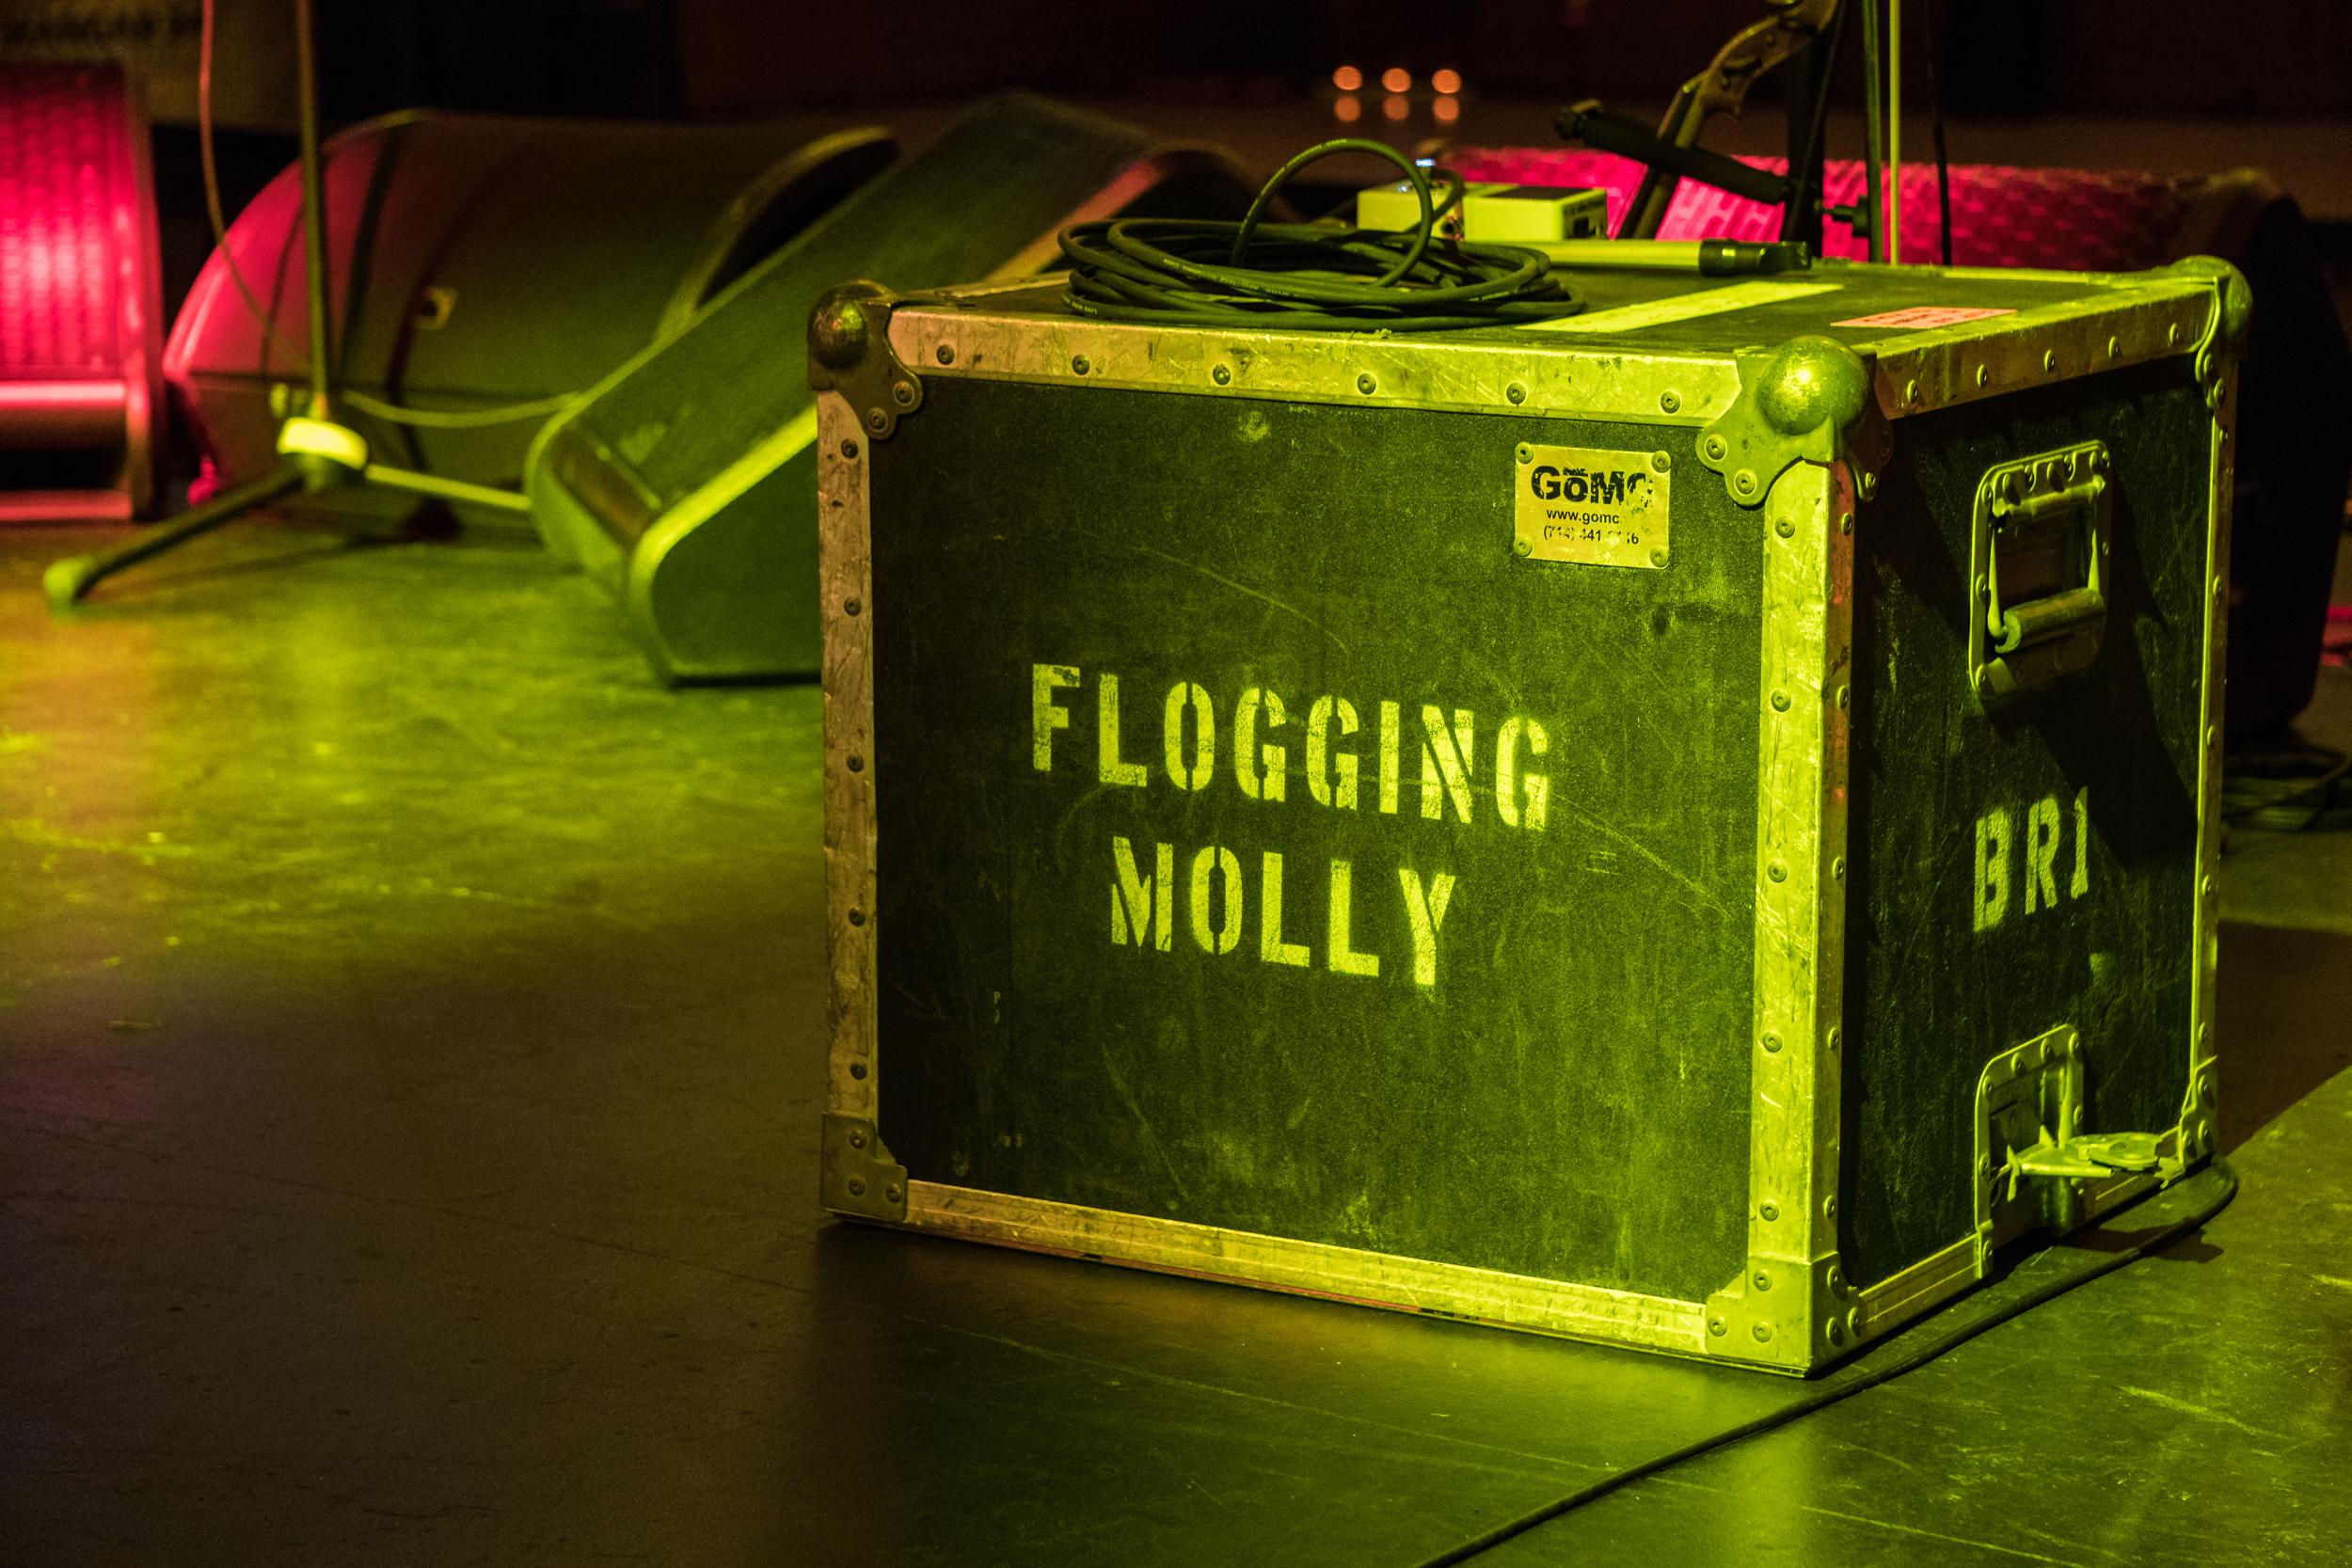 flogging-molly-med-11.jpg